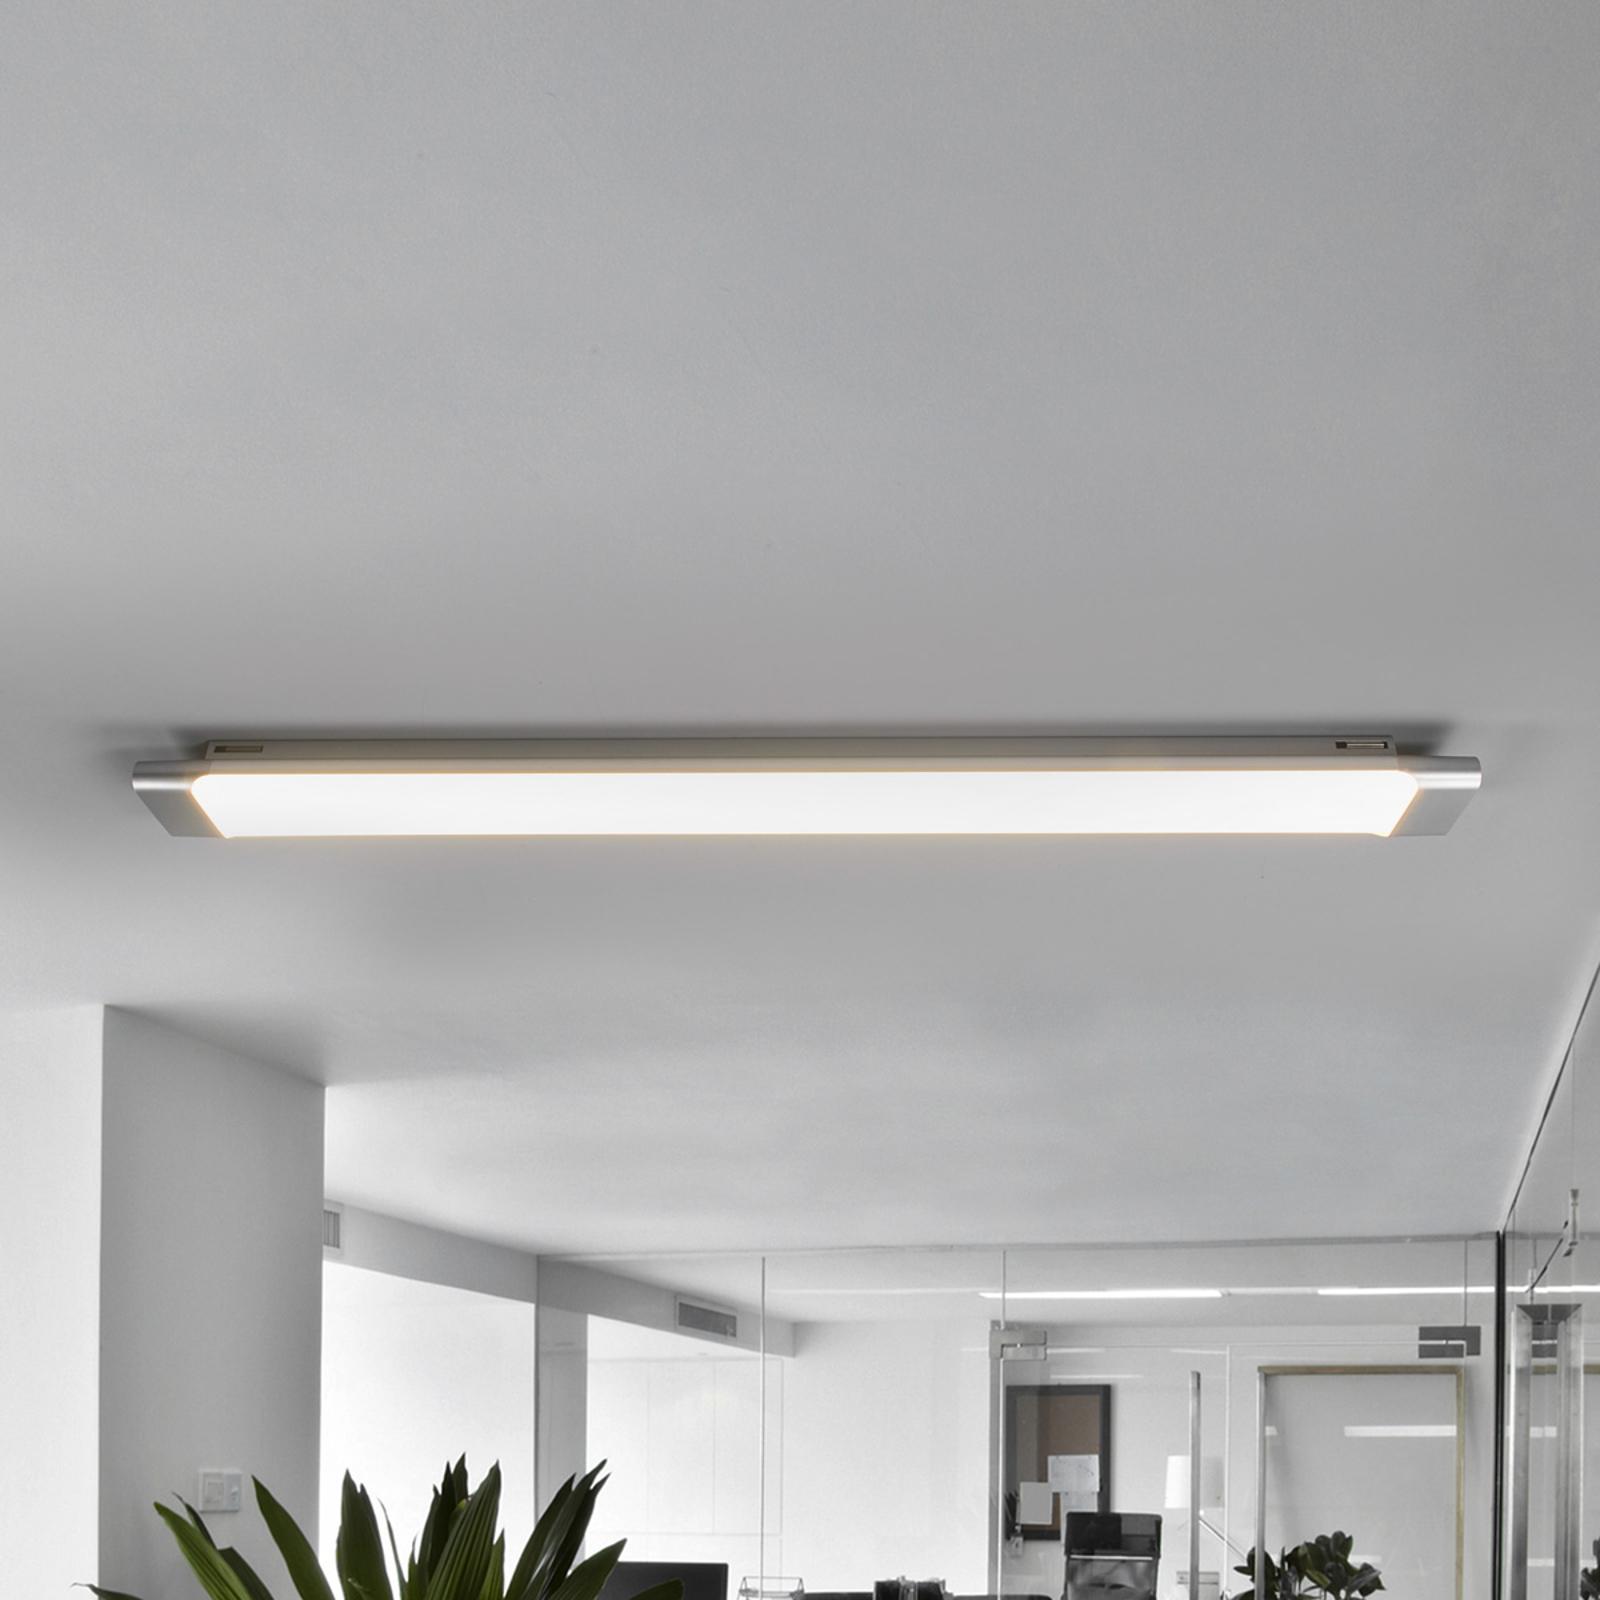 Praktische LED-Deckenleuchte Vinca, 90 cm